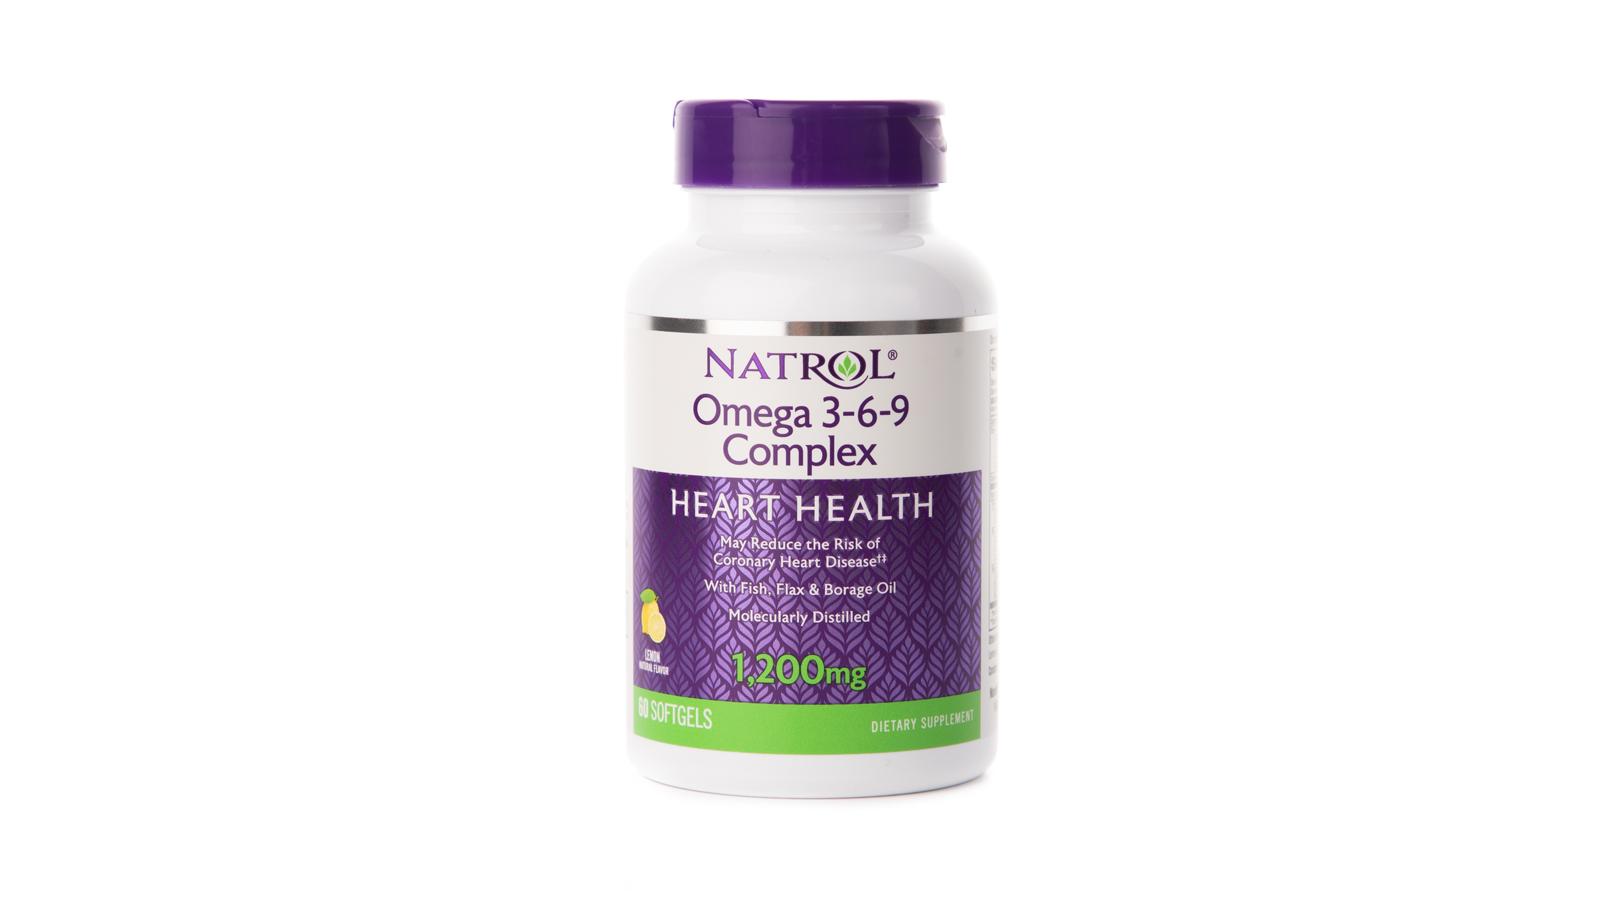 Фото - БАД Омега 3-6-9 Natrol 1200 мг, 60 капсул sesderma бад oftalses dry eyes к пище офтальсес от сухости глаз 60 капсул